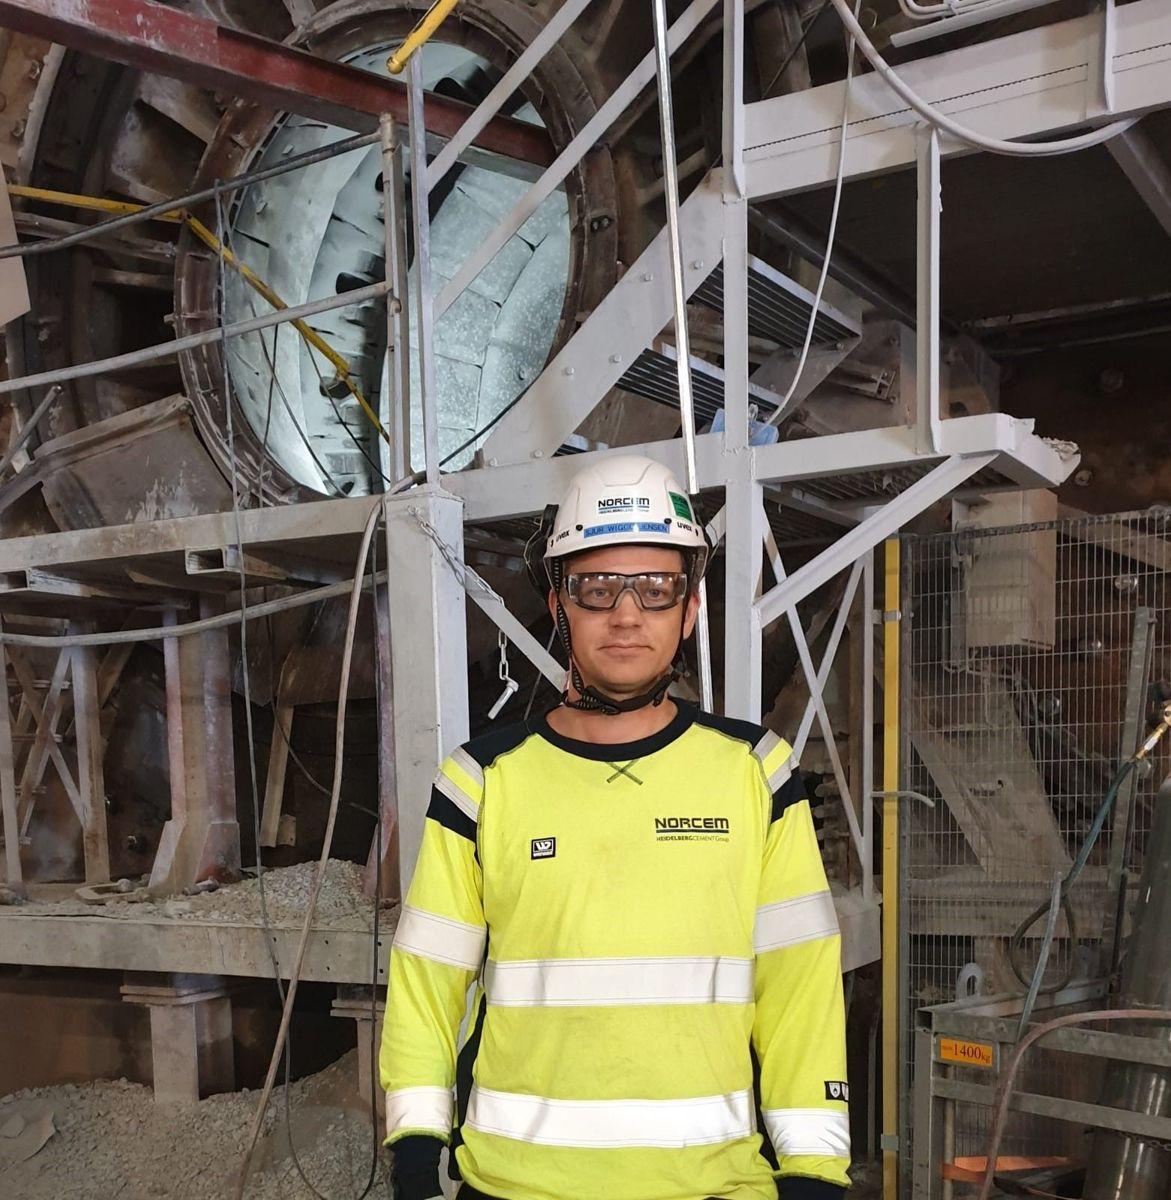 Fungerende fabrikksjef ved Norcem i Brevik, Sjur Viggo Jensen. Foto: Norcem